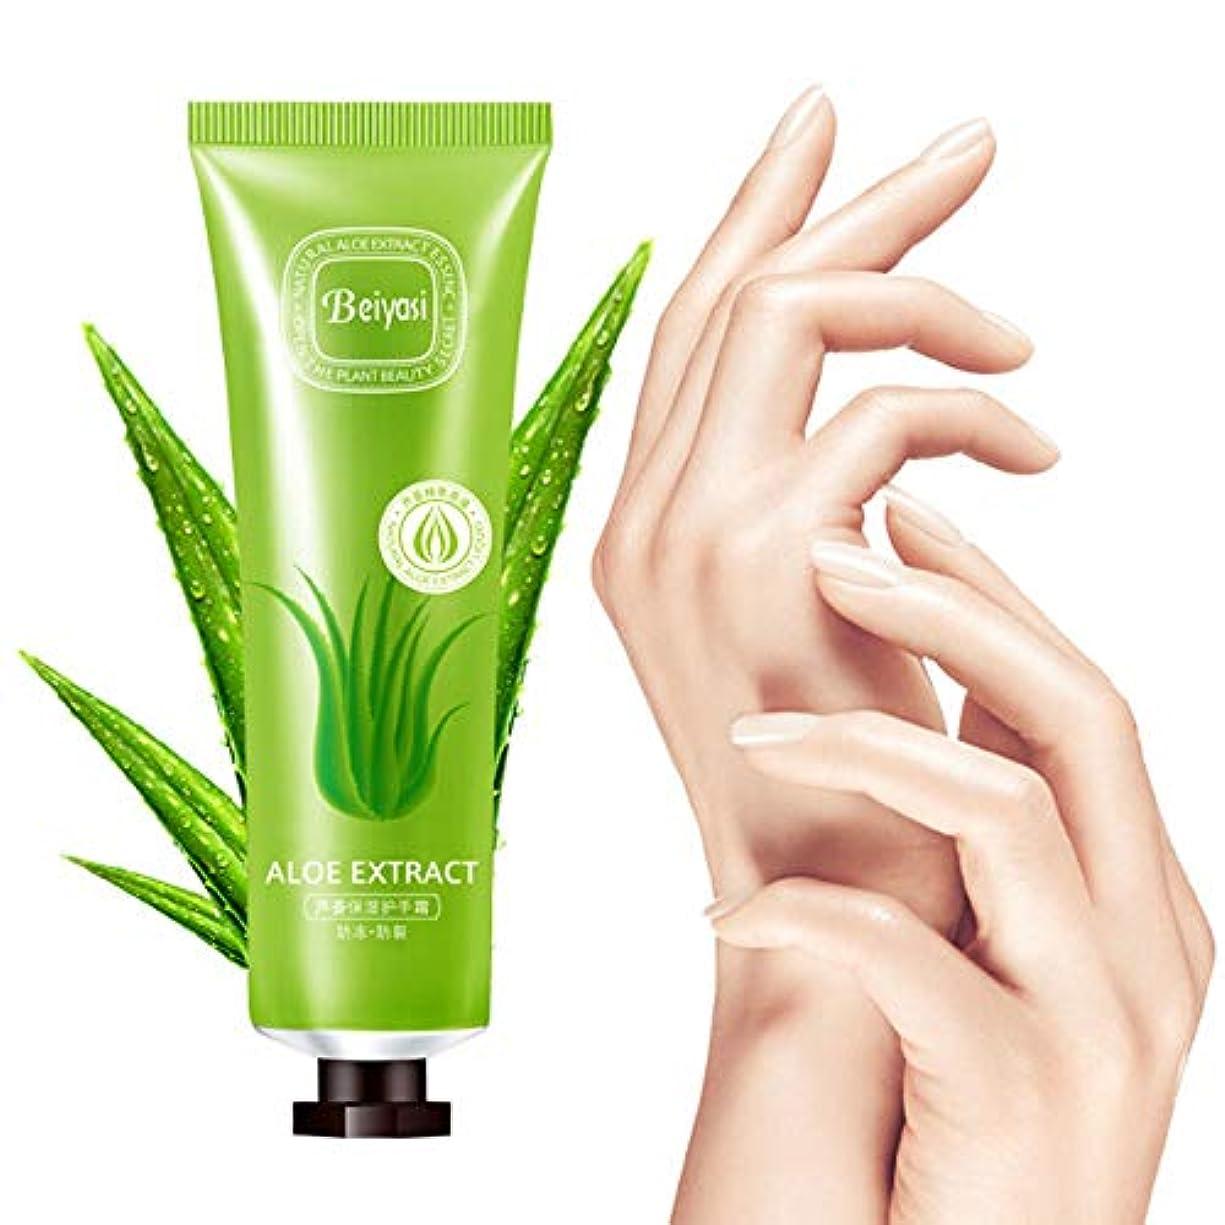 書き出す風邪をひくボンドハンドクリーム Akane BEIYASI アロエ 潤う 香り 手荒れを防ぐ 保湿 水分 無添加 天然 乾燥肌用 自然 肌荒れ予防 Hand Cream 30g